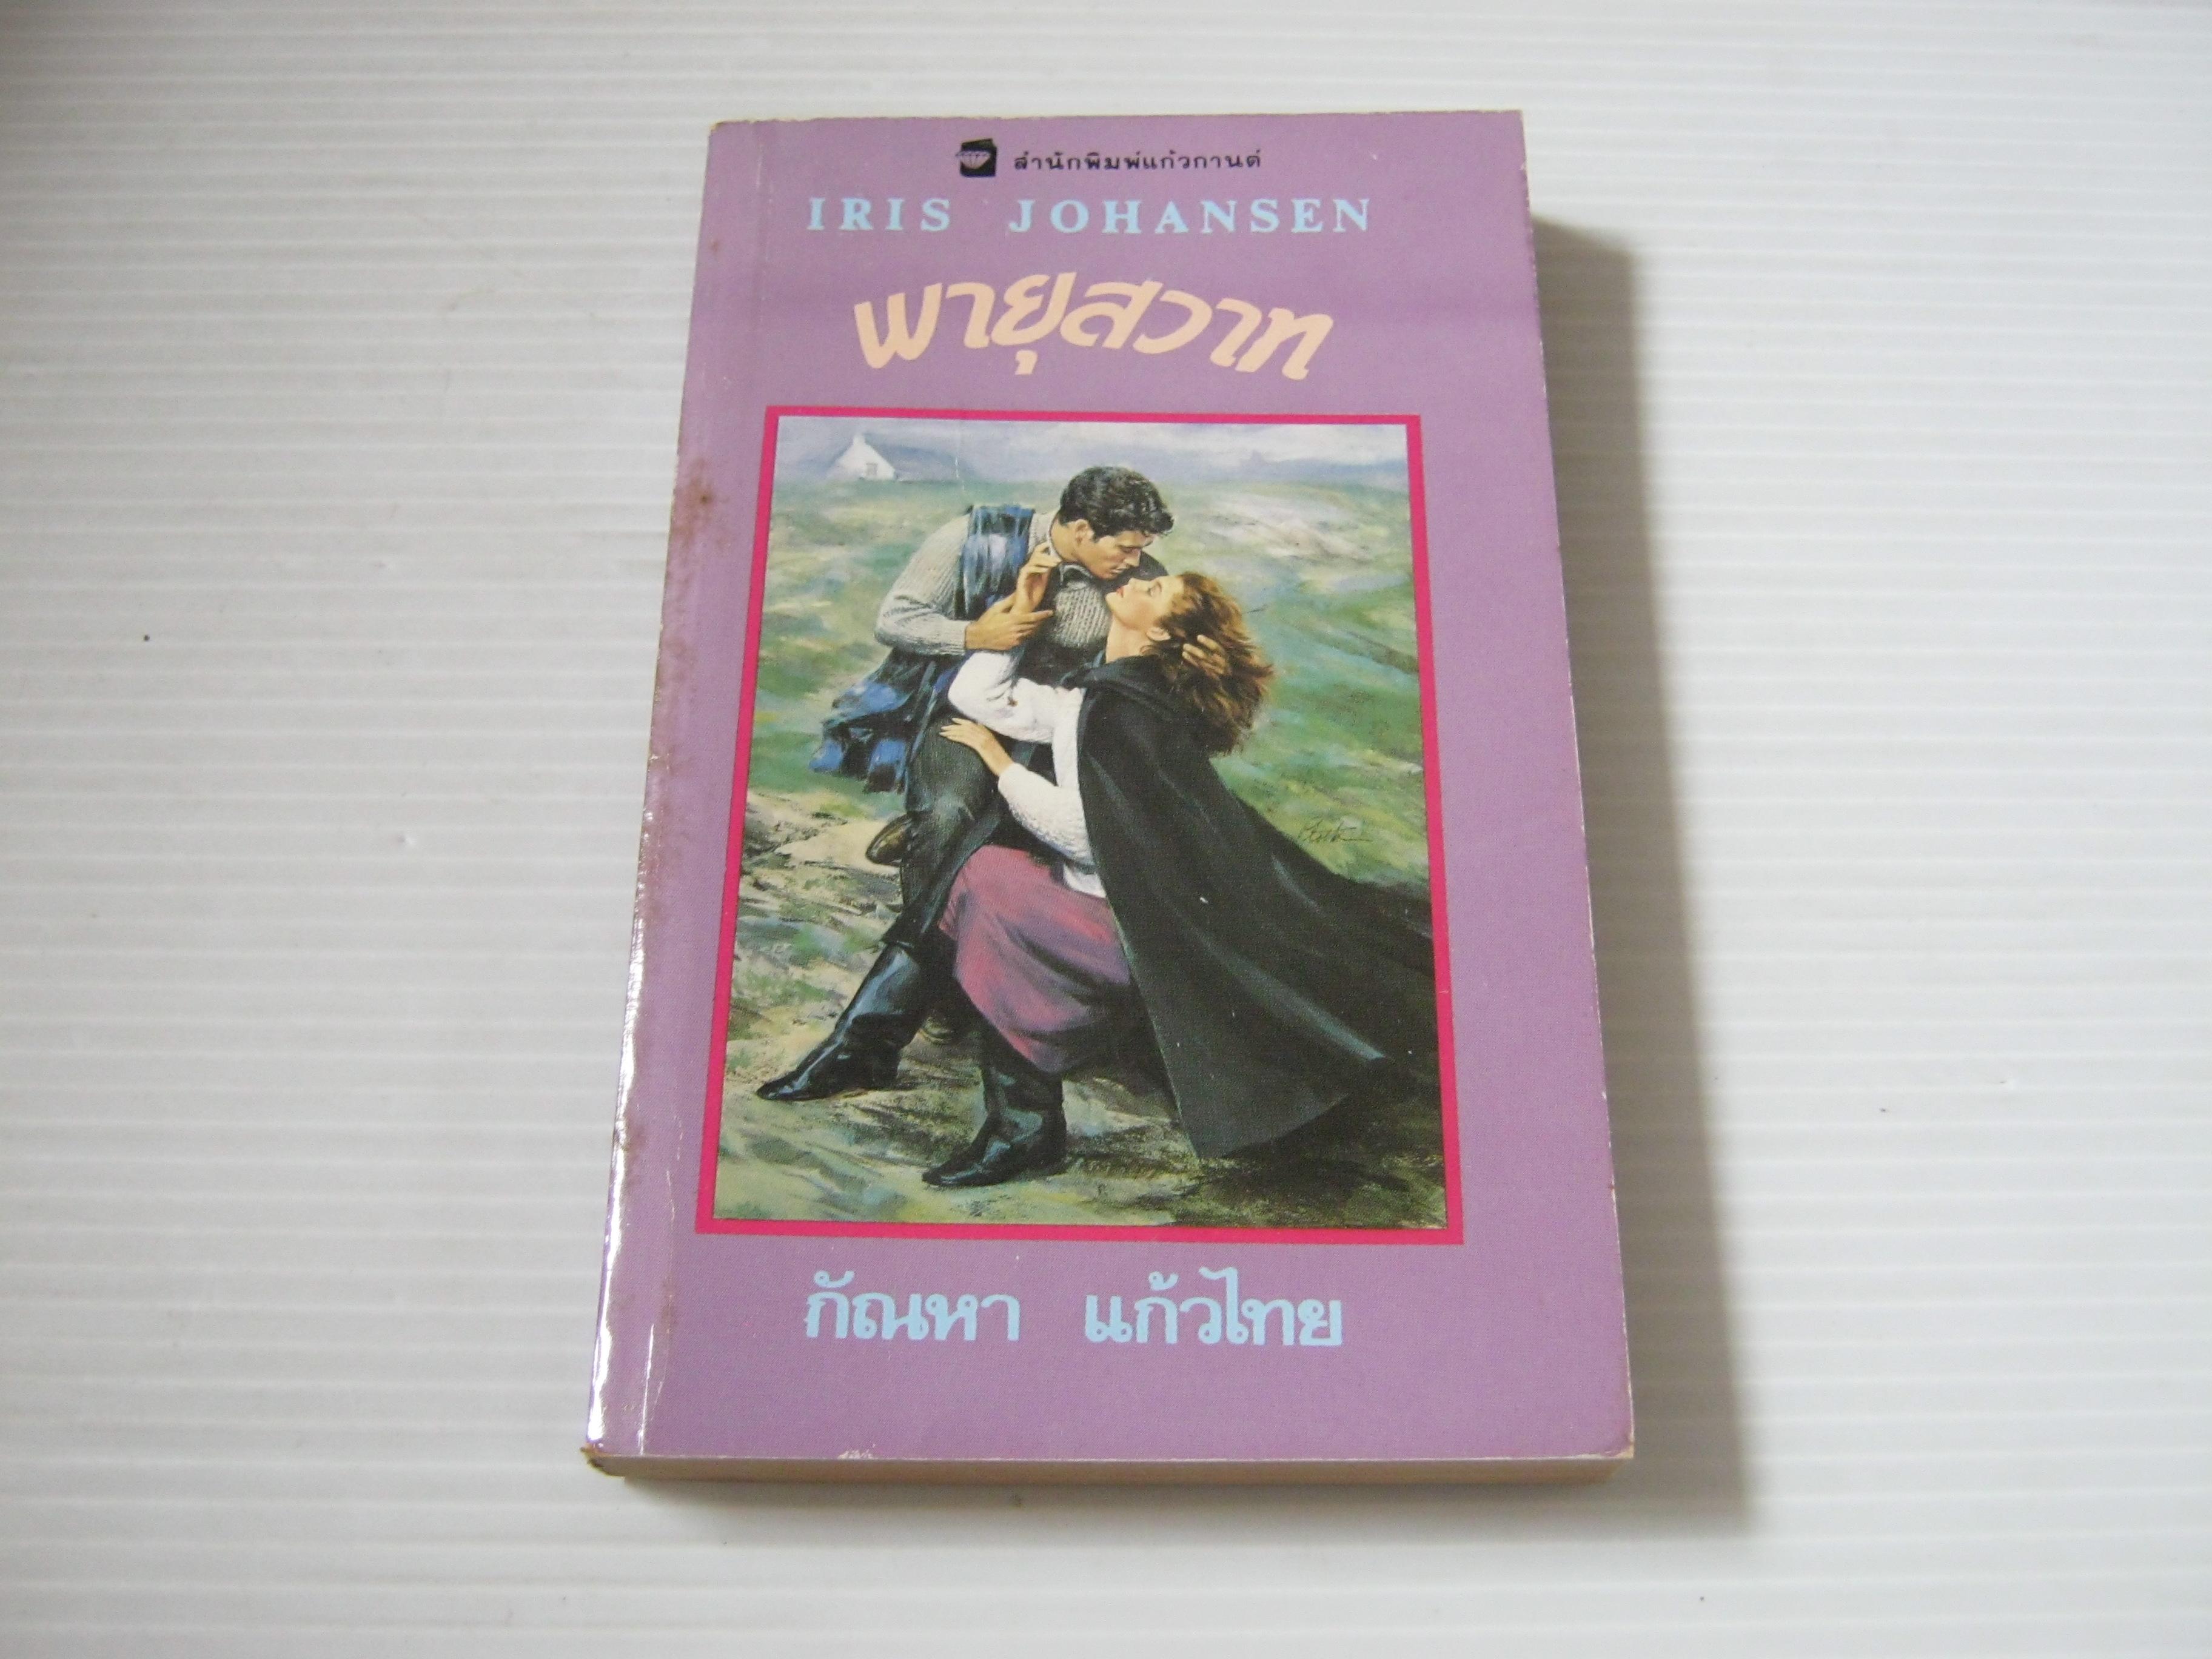 พายุสวาท (Stromy Vows) ไอริส โจแฮนเซ่น เขียน กัณหา แก้วไทย แปล